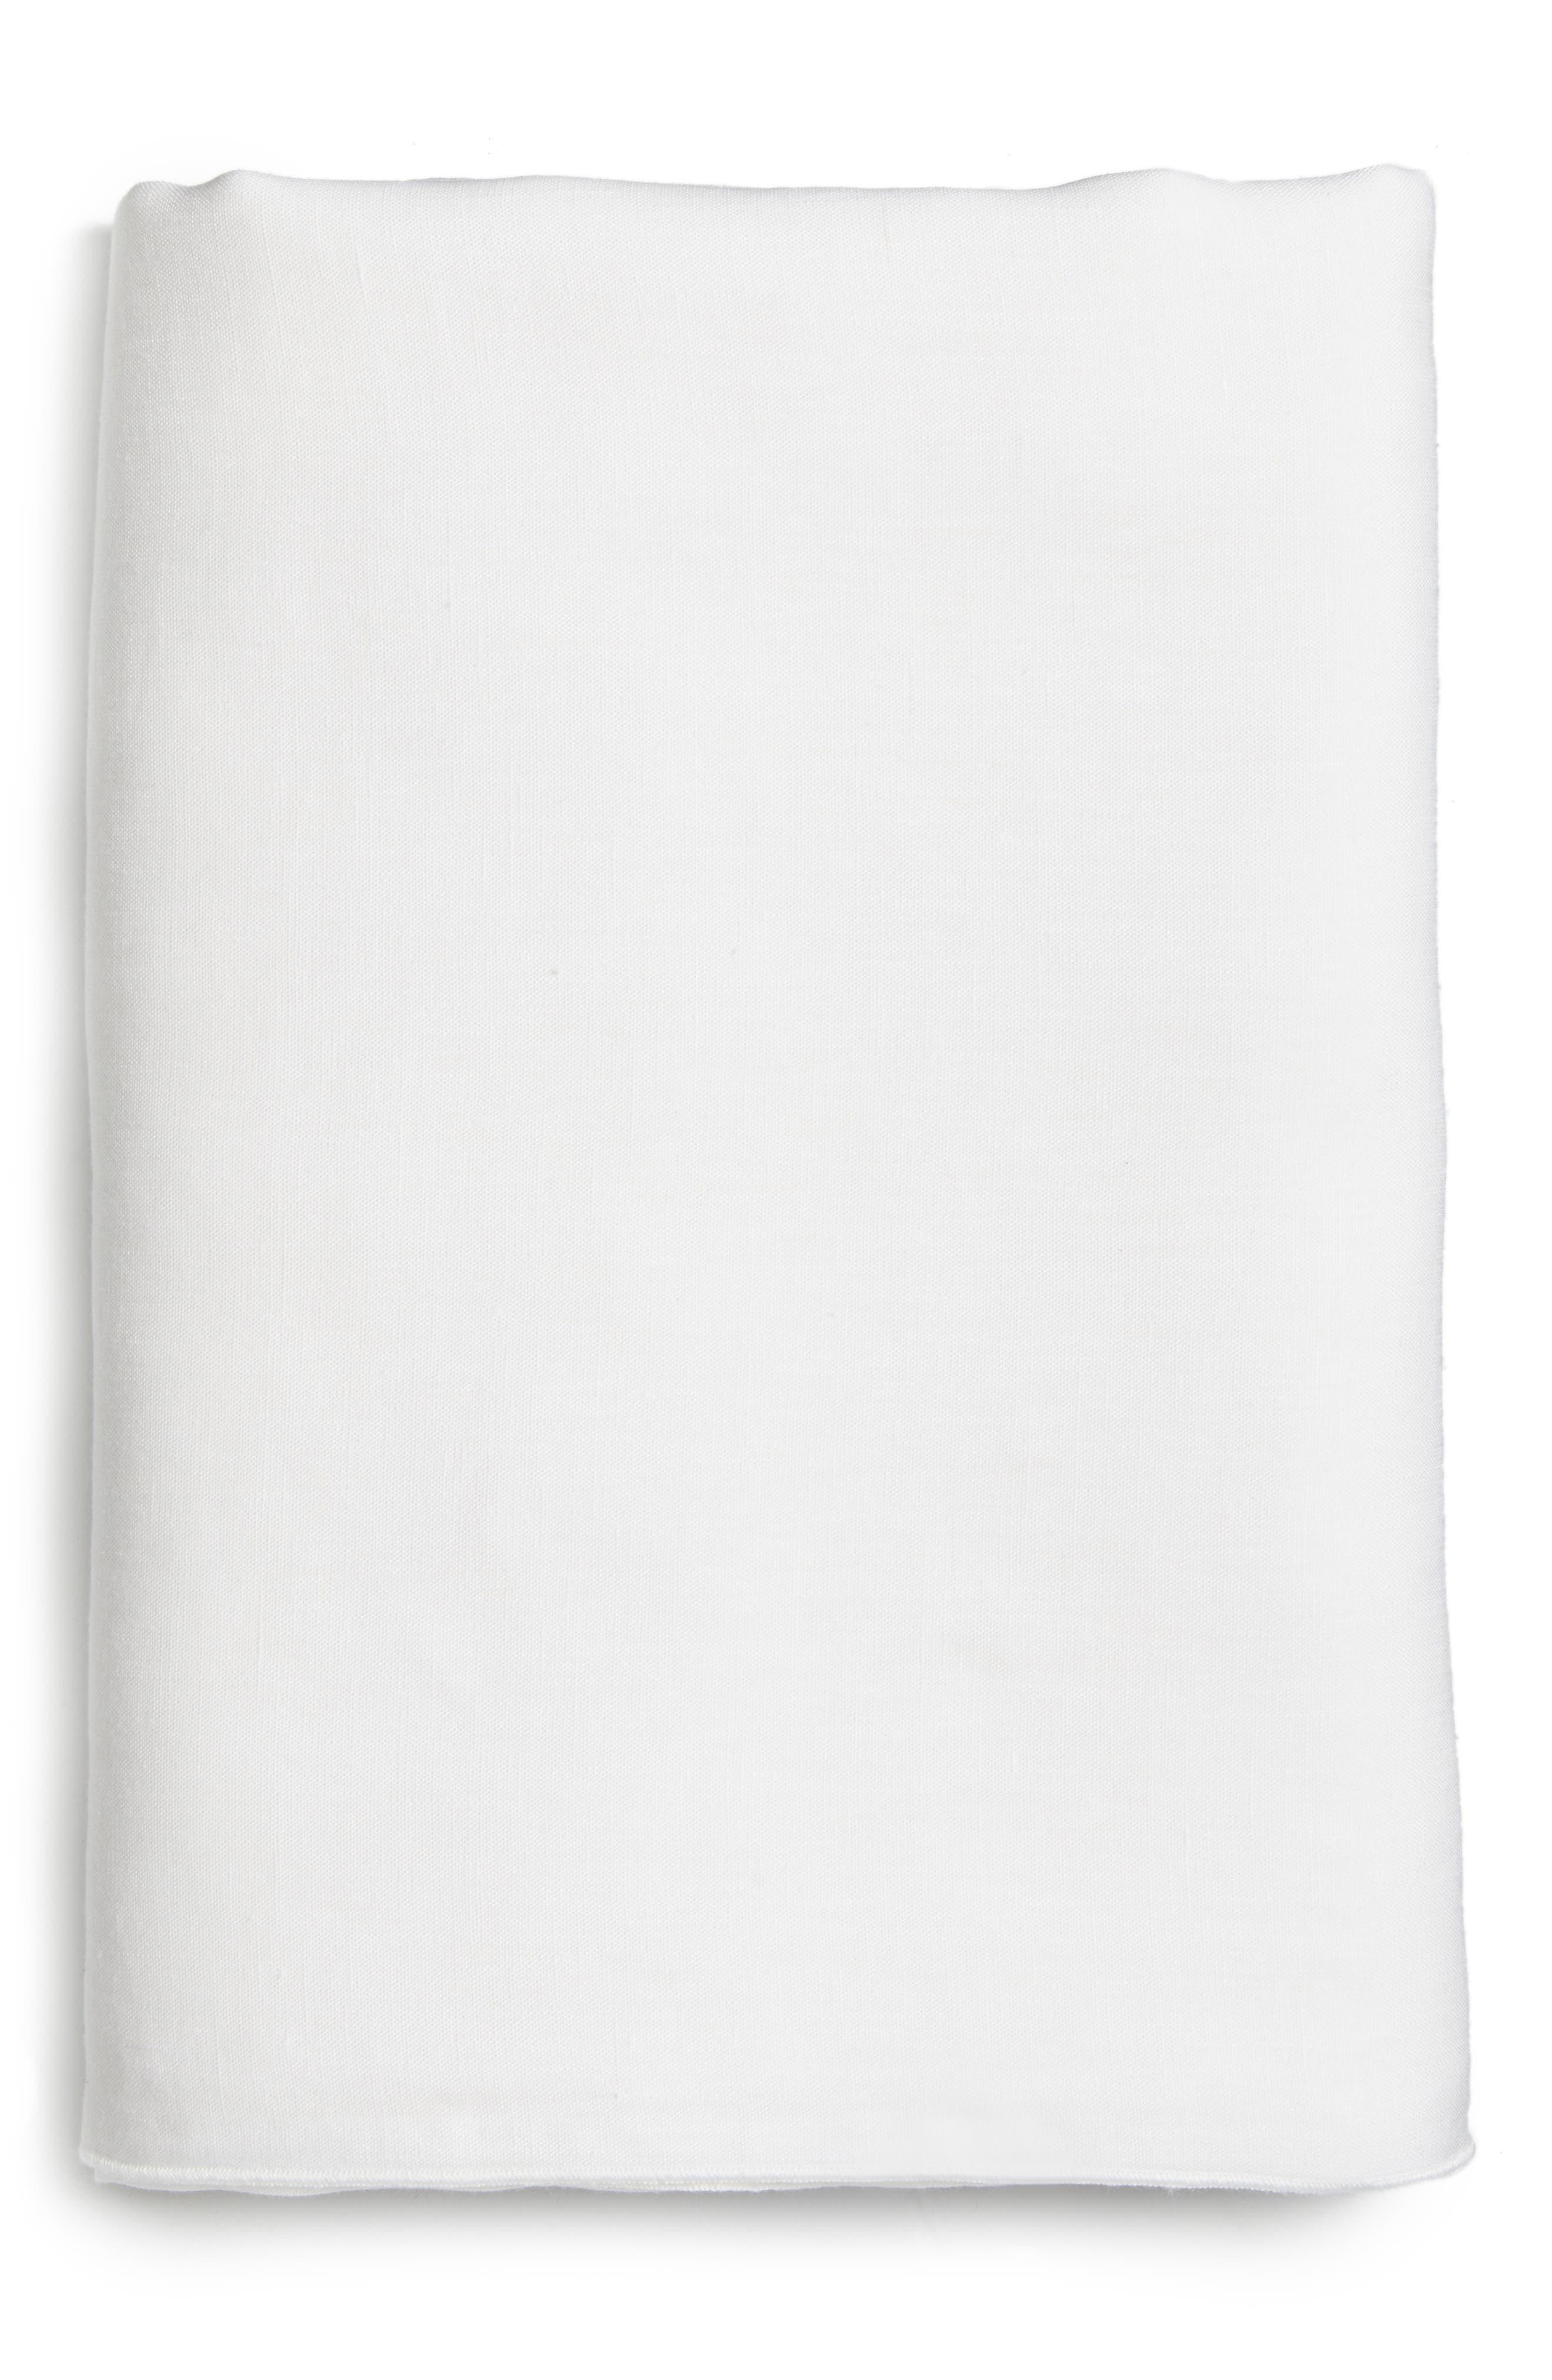 Solo Linen Flat Sheet,                             Main thumbnail 1, color,                             100